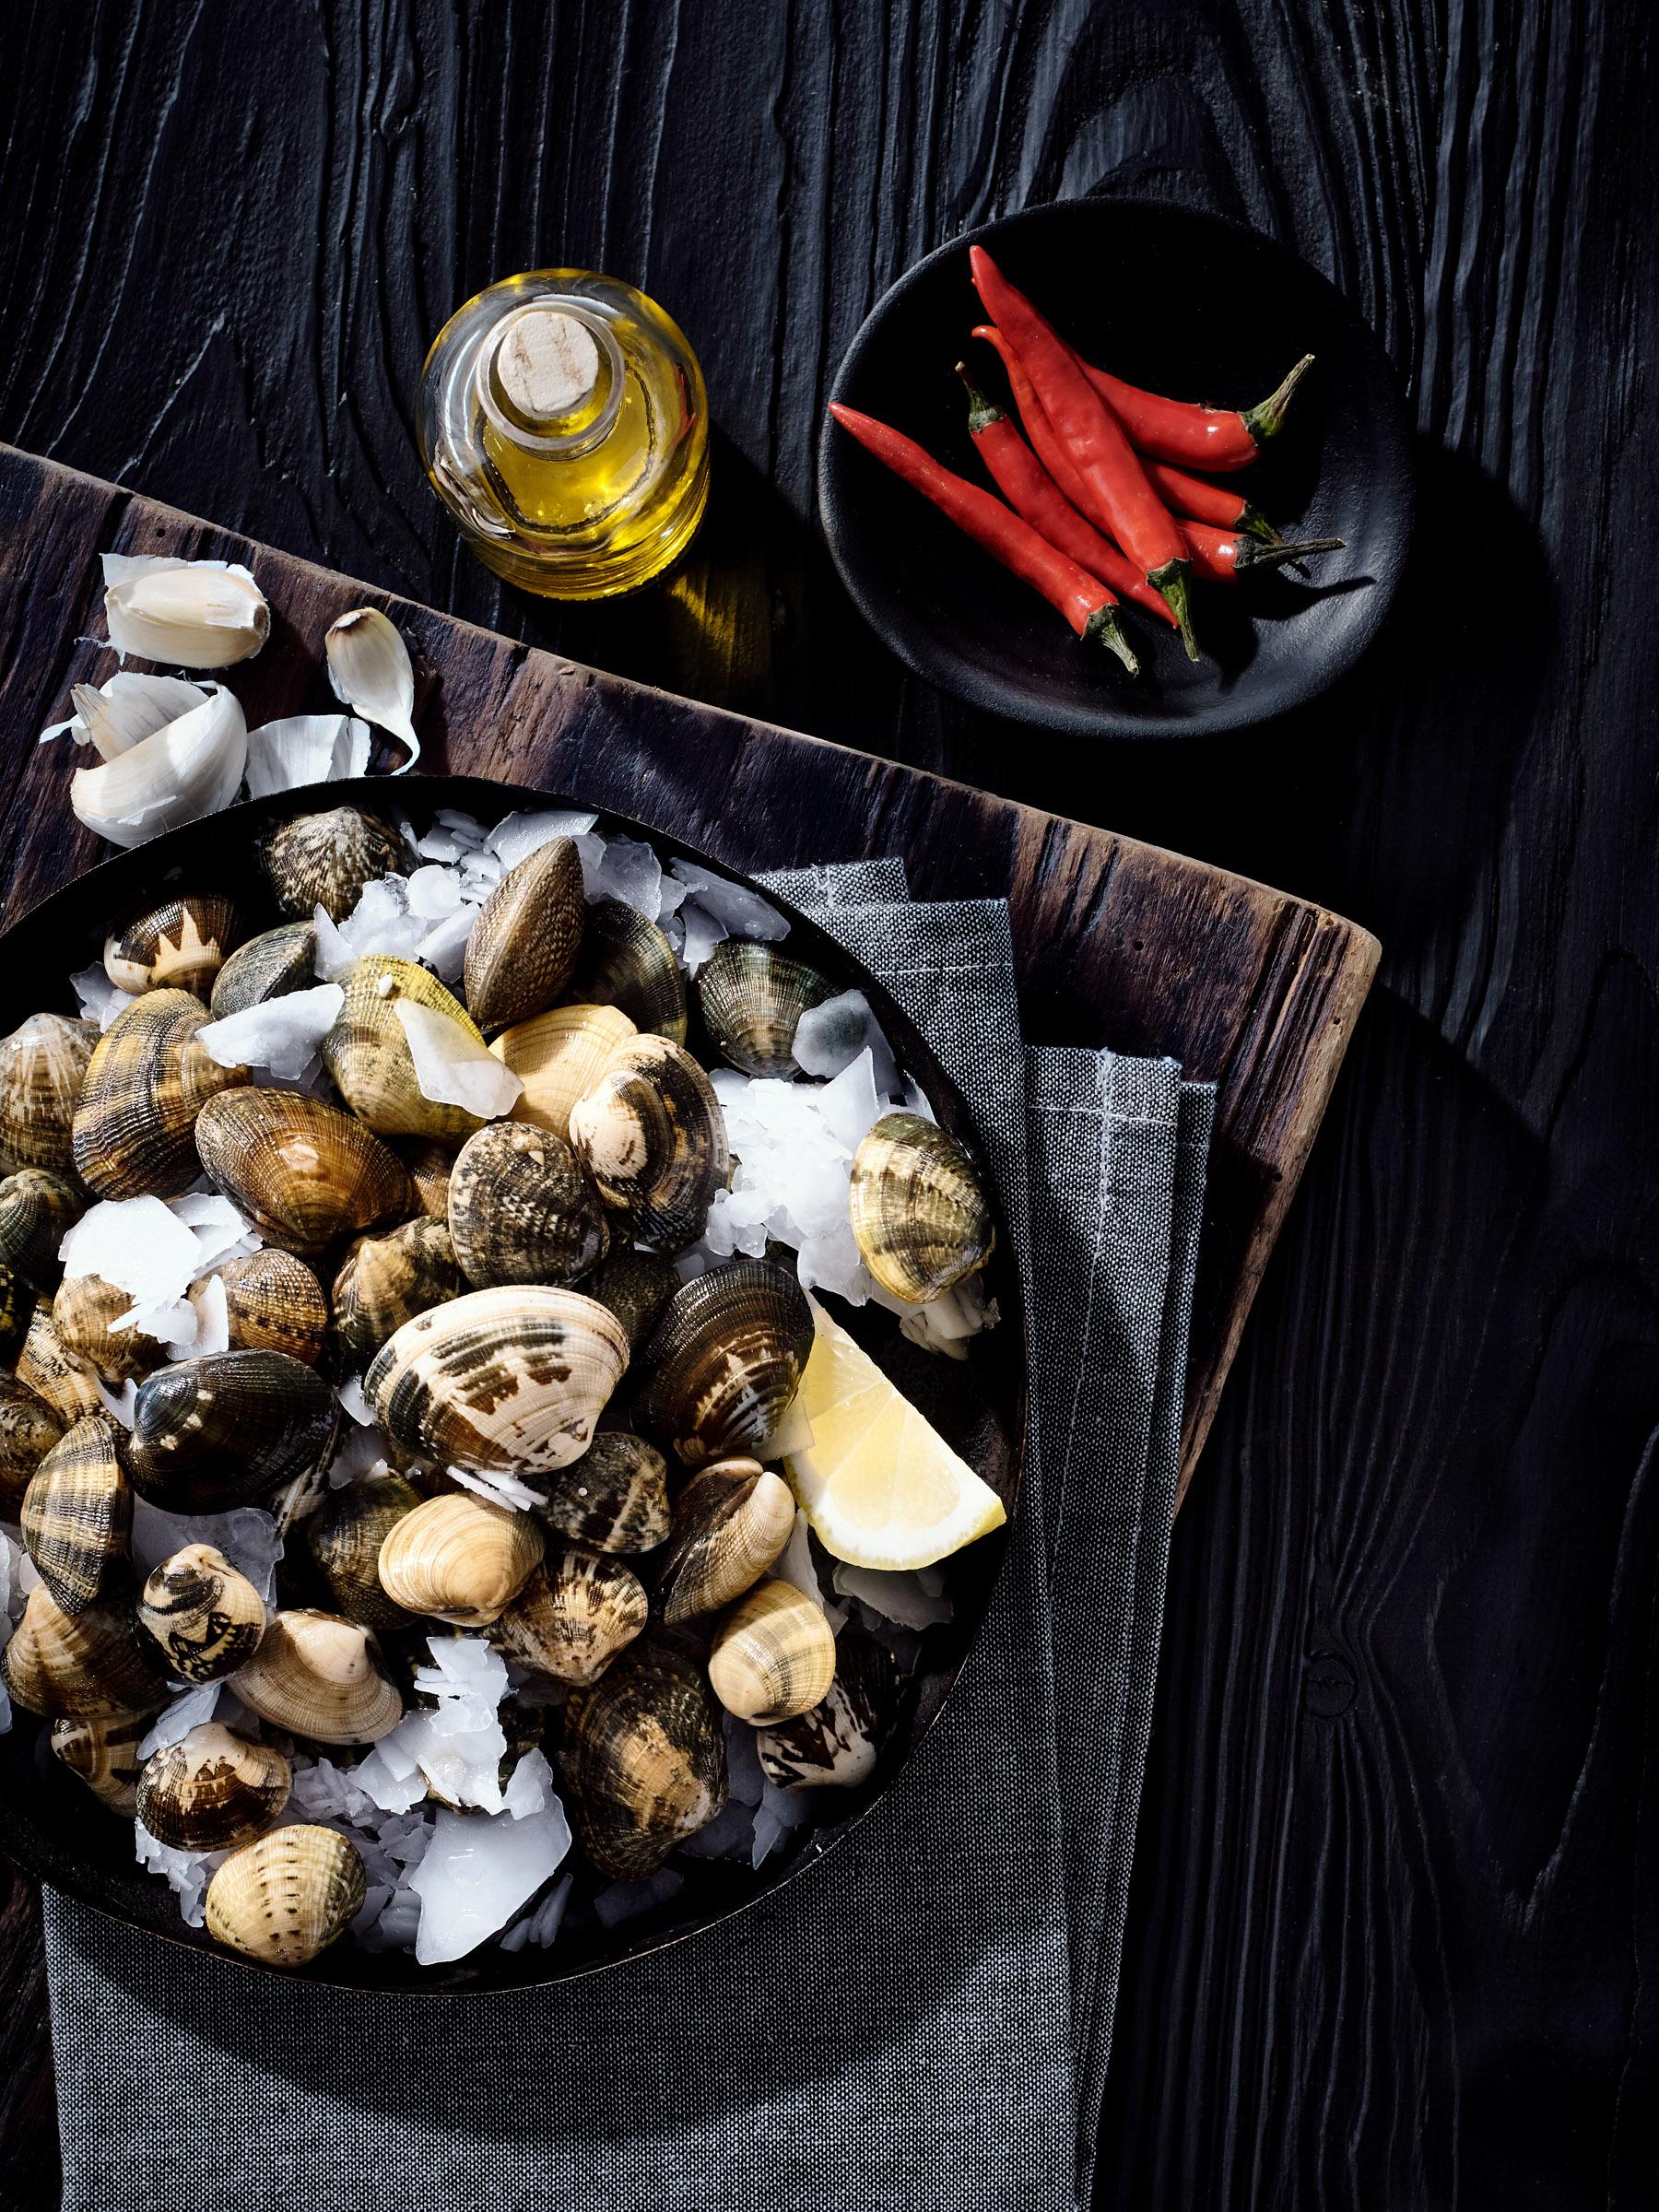 Zutatenfoto Vongole auf eis mit Olivenöl und Chili